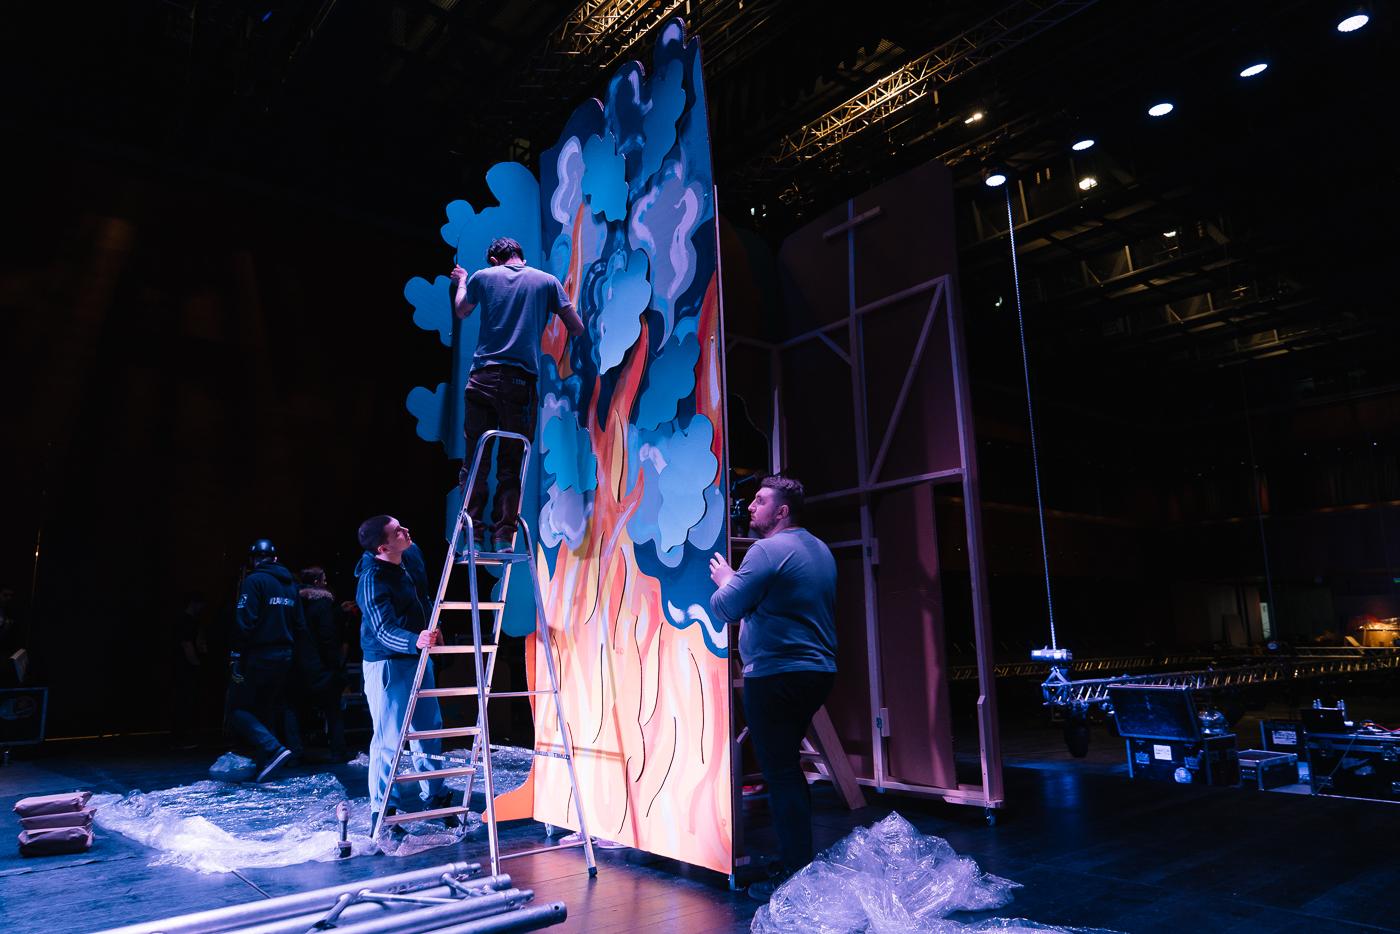 художник театра фото обращаемая плёнка, сбалансированная